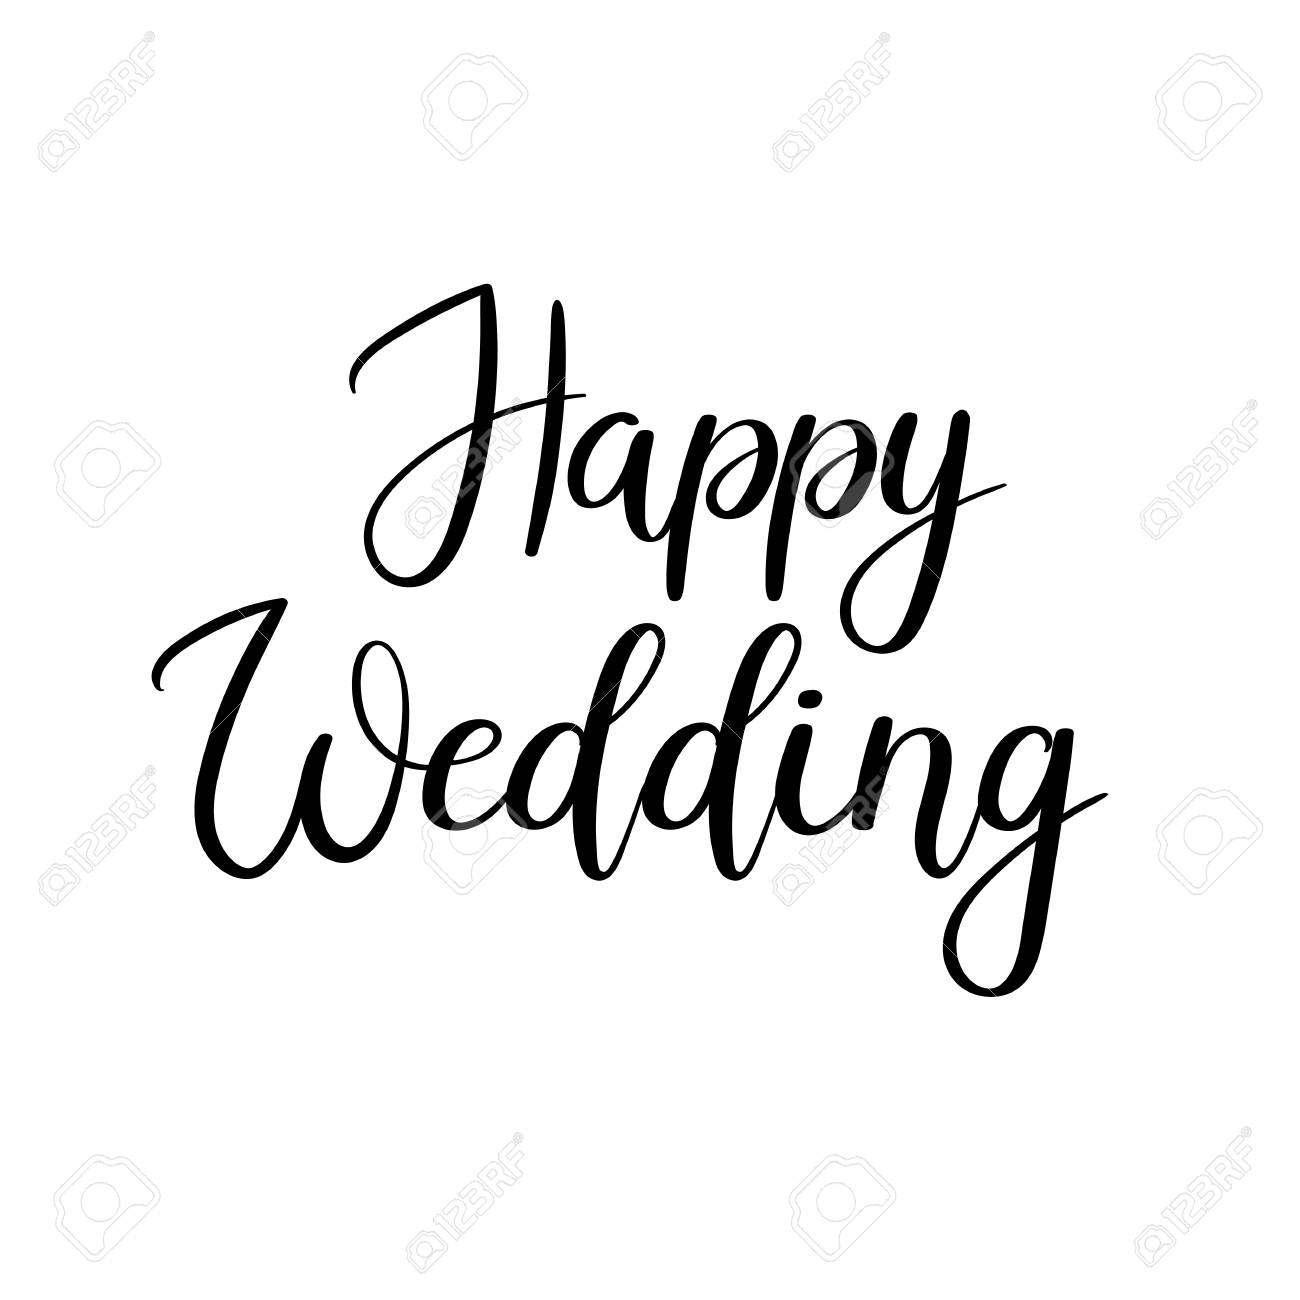 Banque d\u0027images , Texte de lettrage à la main de mariage heureux.  Inscription de calligraphie pour cartes de voeux, mariage